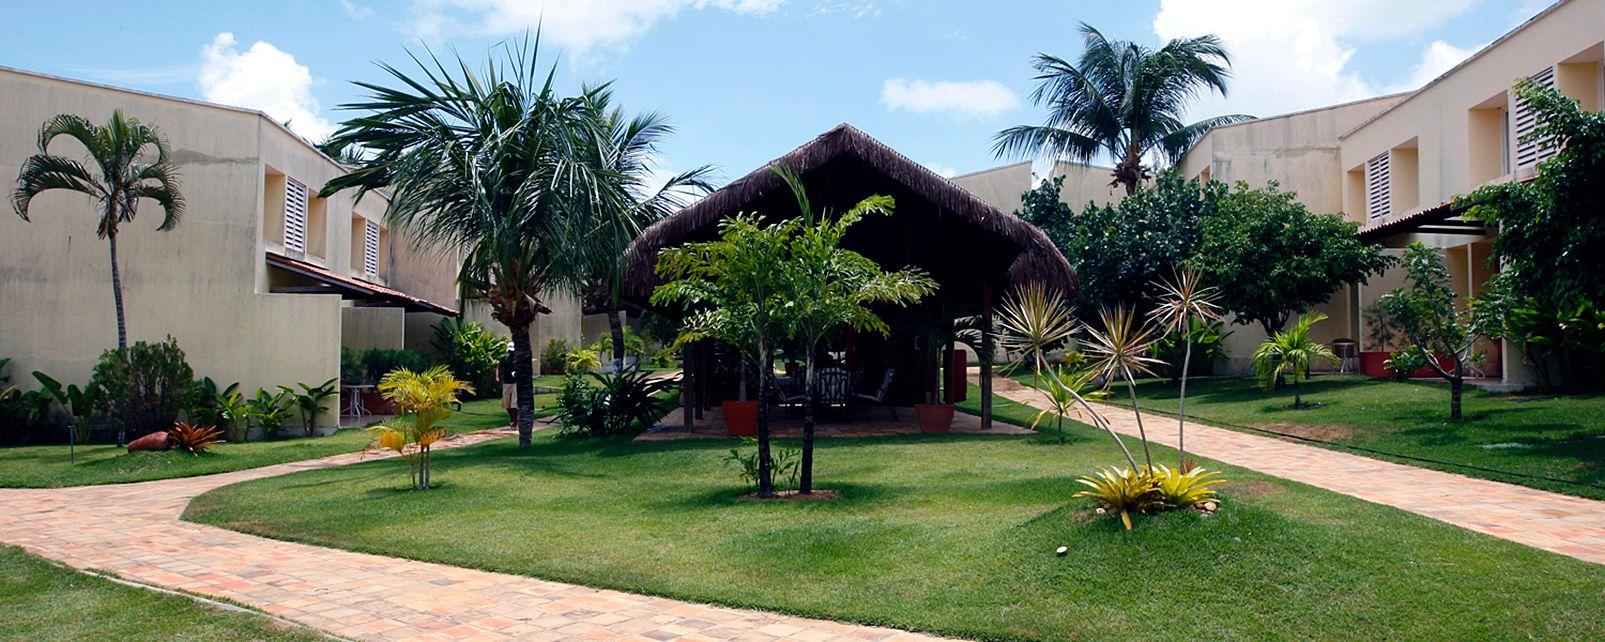 Hotel Pipa Atlántico